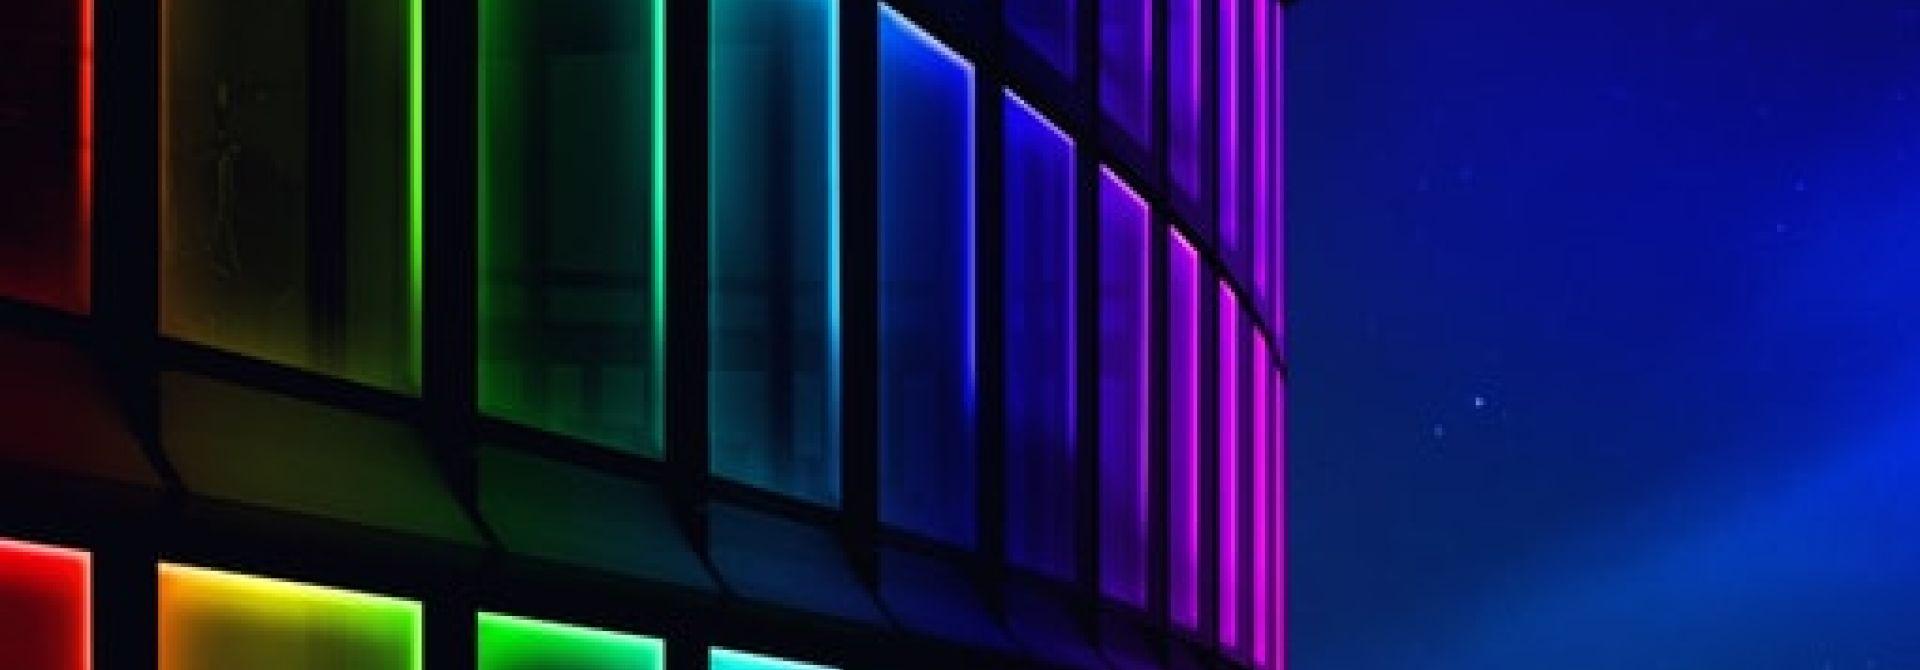 Controlador LED RGB: creación de atmósferas y ambientes | Blog SIMON